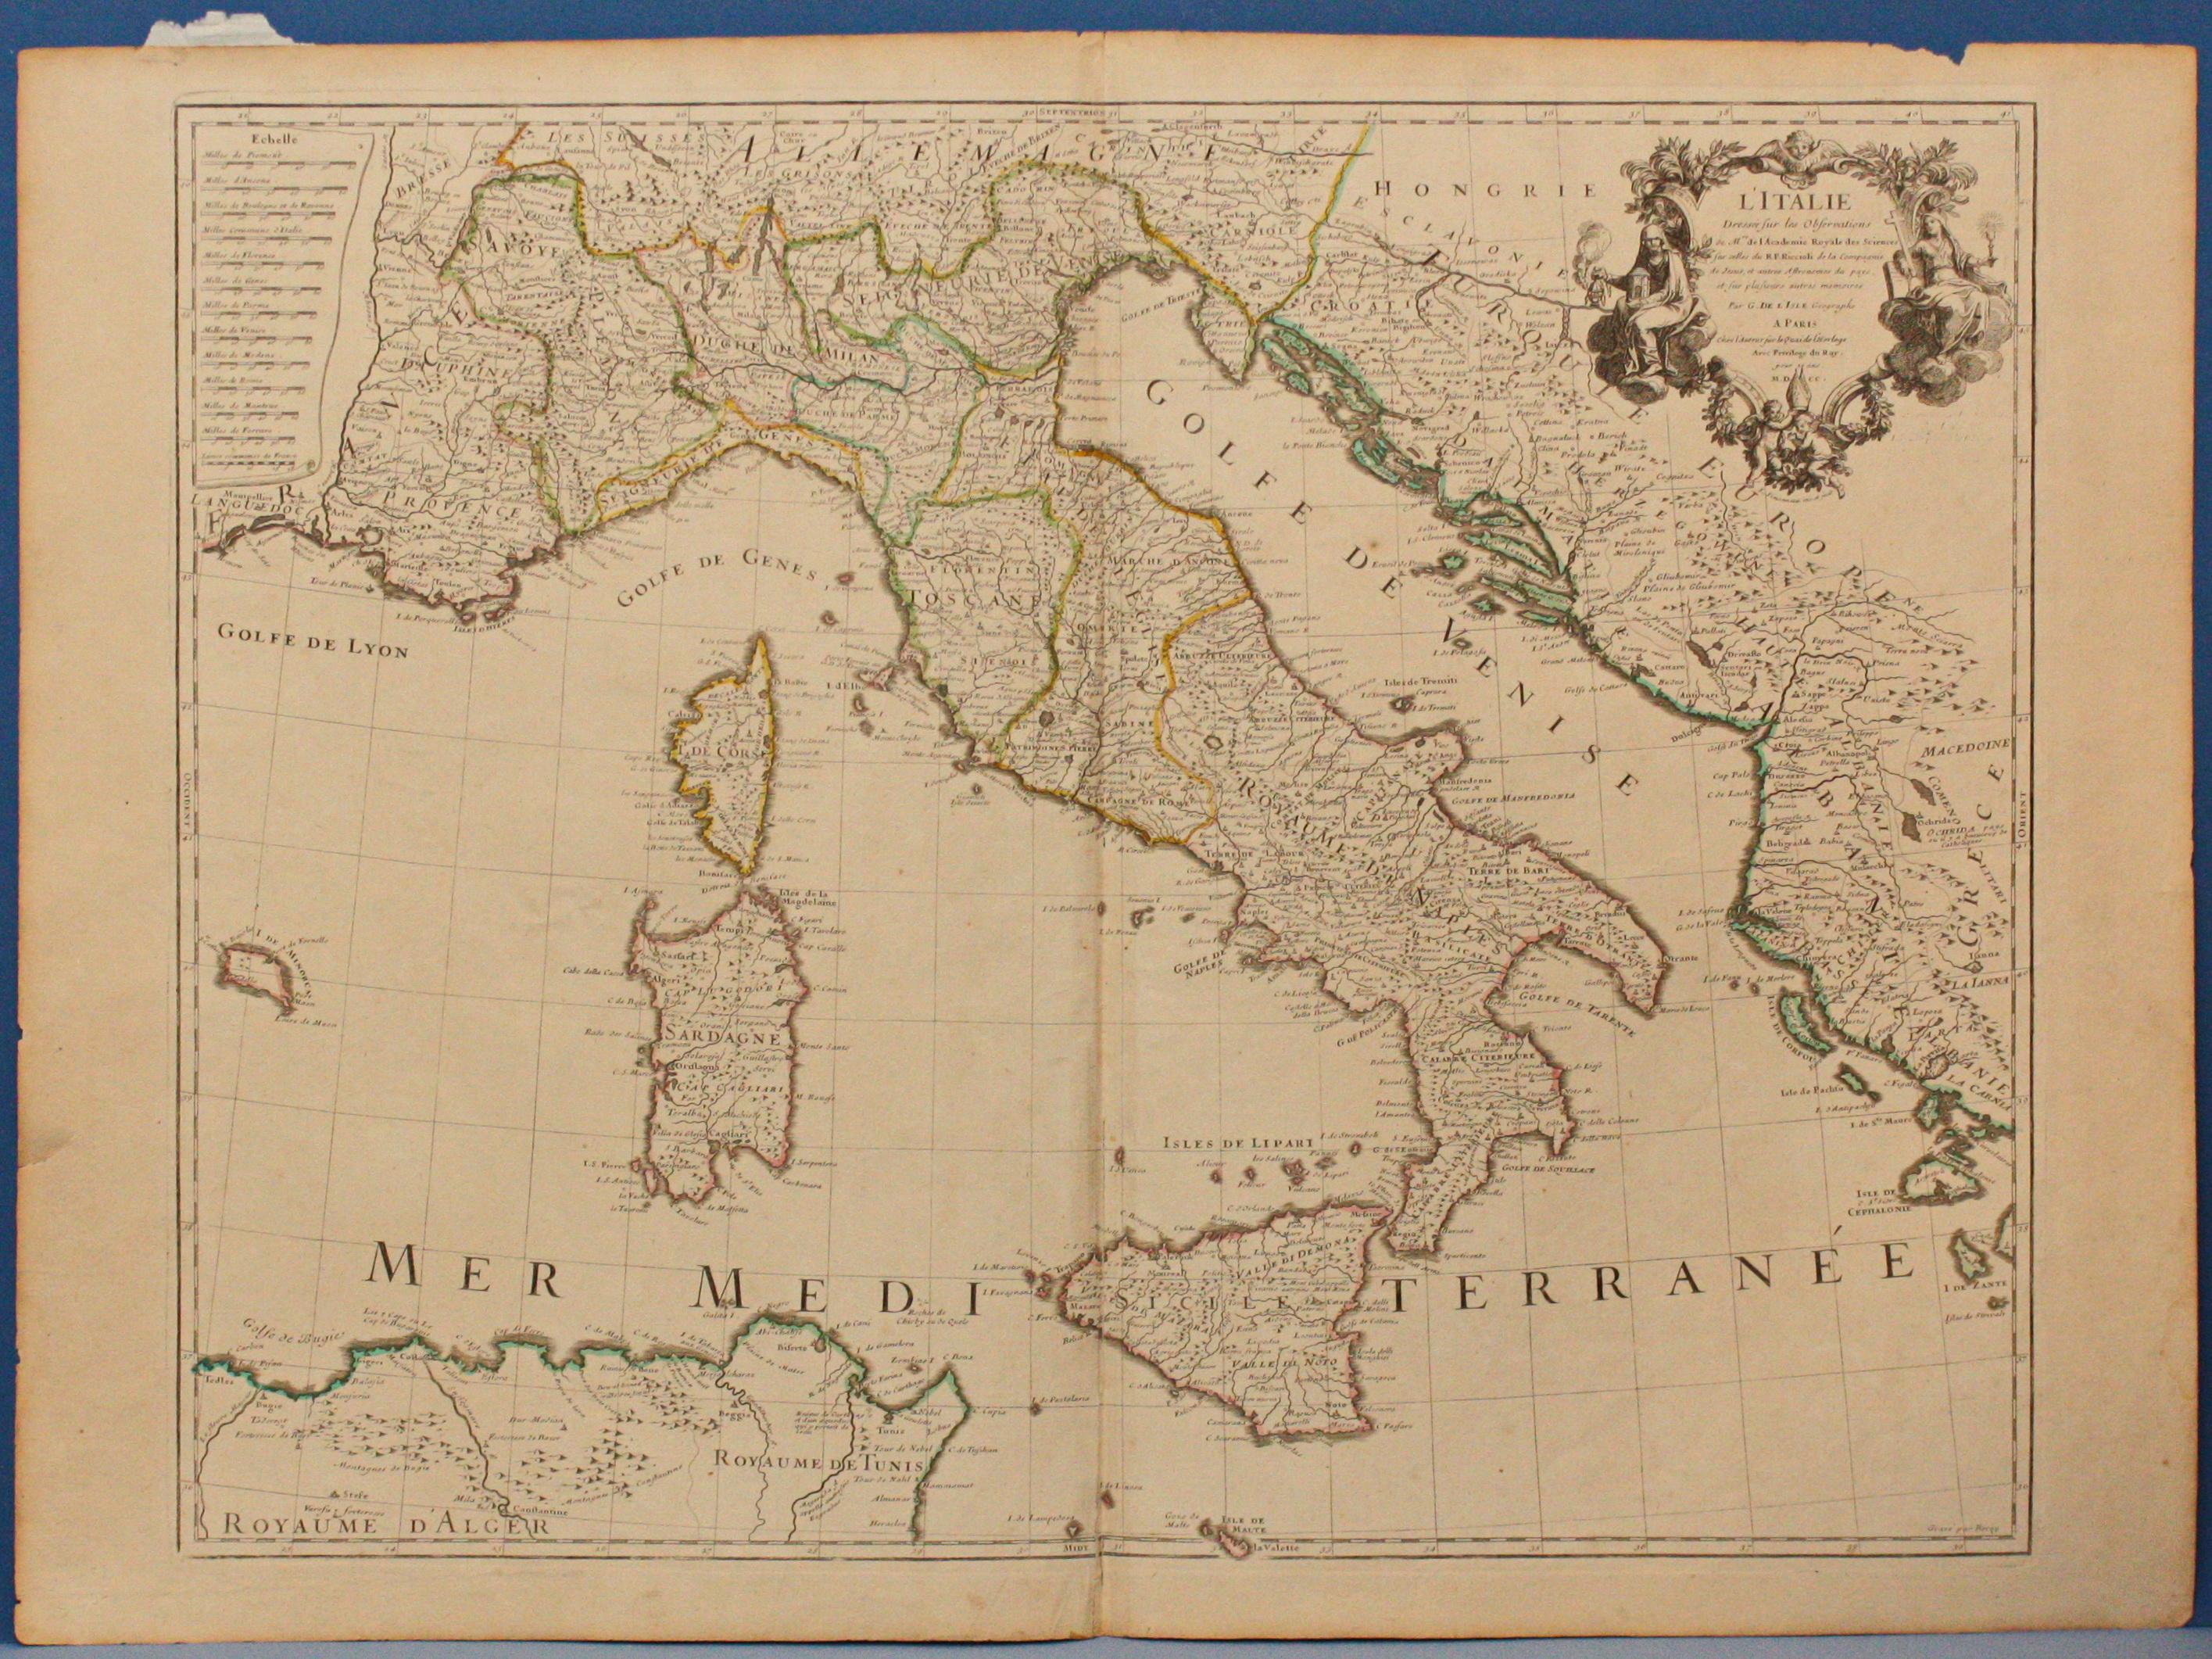 Italia Cartina Antica.Antica Carta Geografica Italia 1700 Italie Riccioli Old Map Ebay